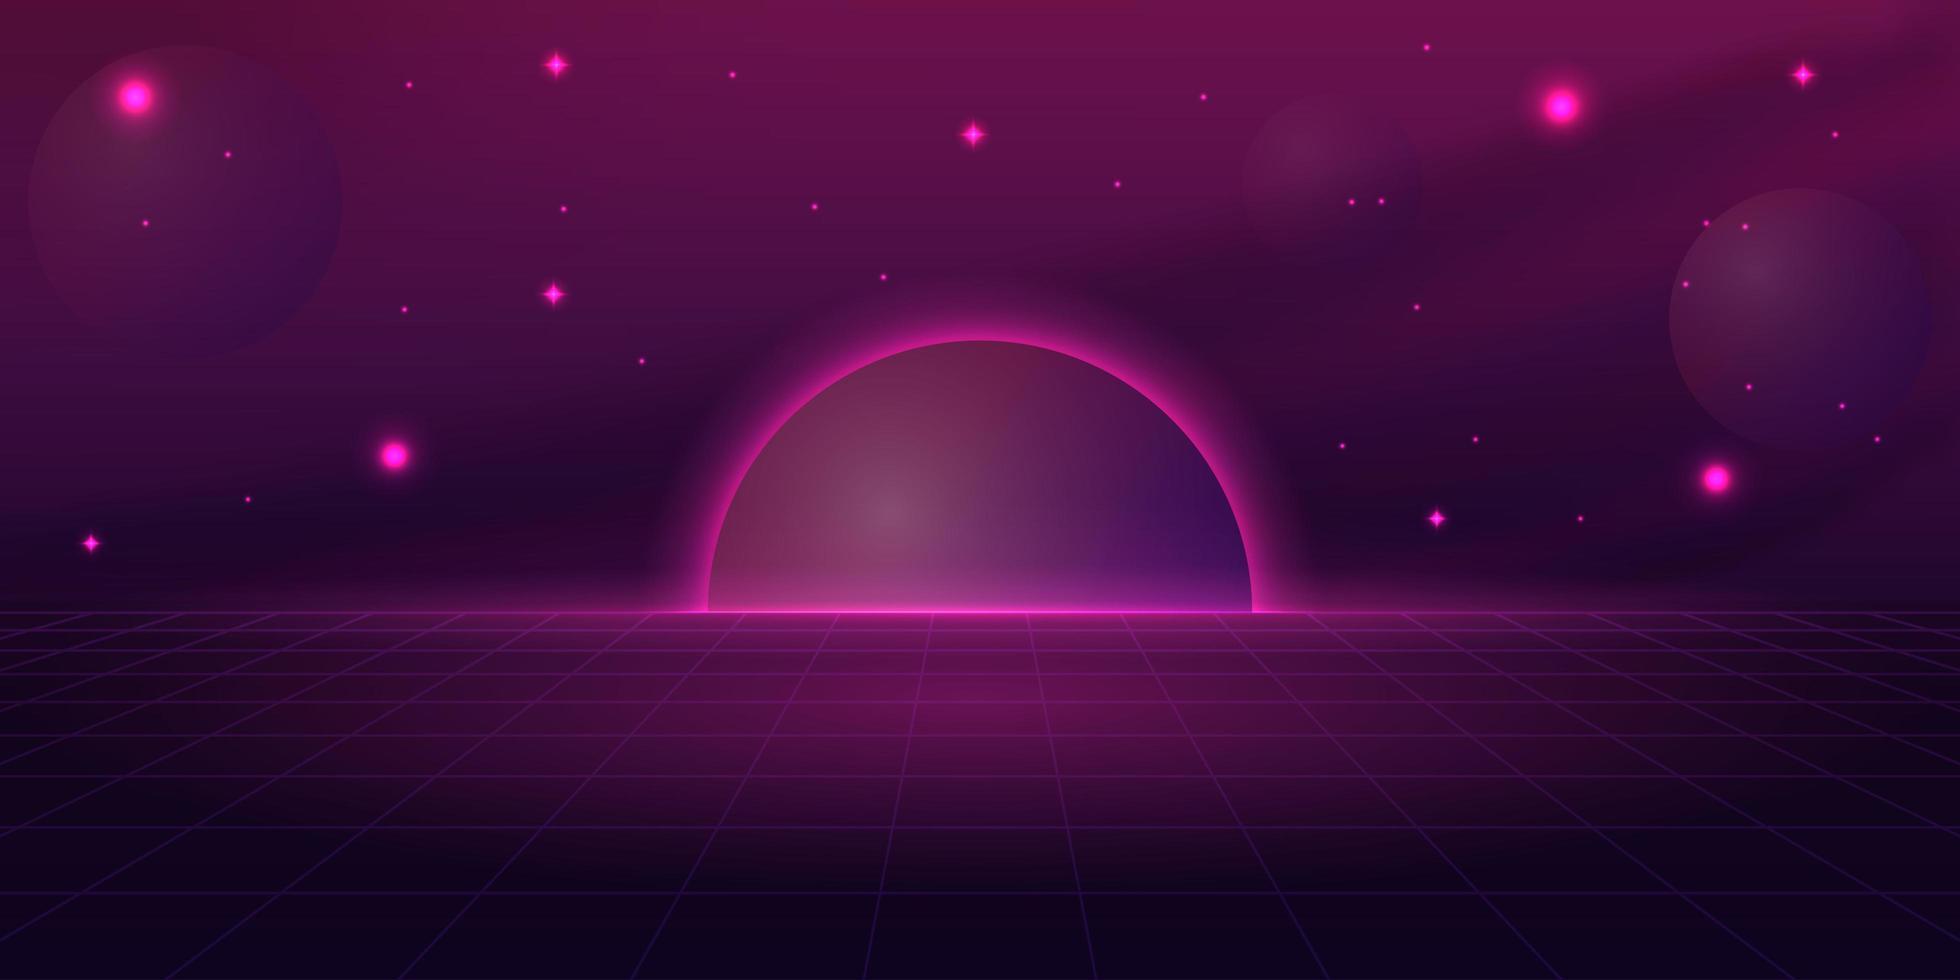 diseño de ciencia ficción retro púrpura vector